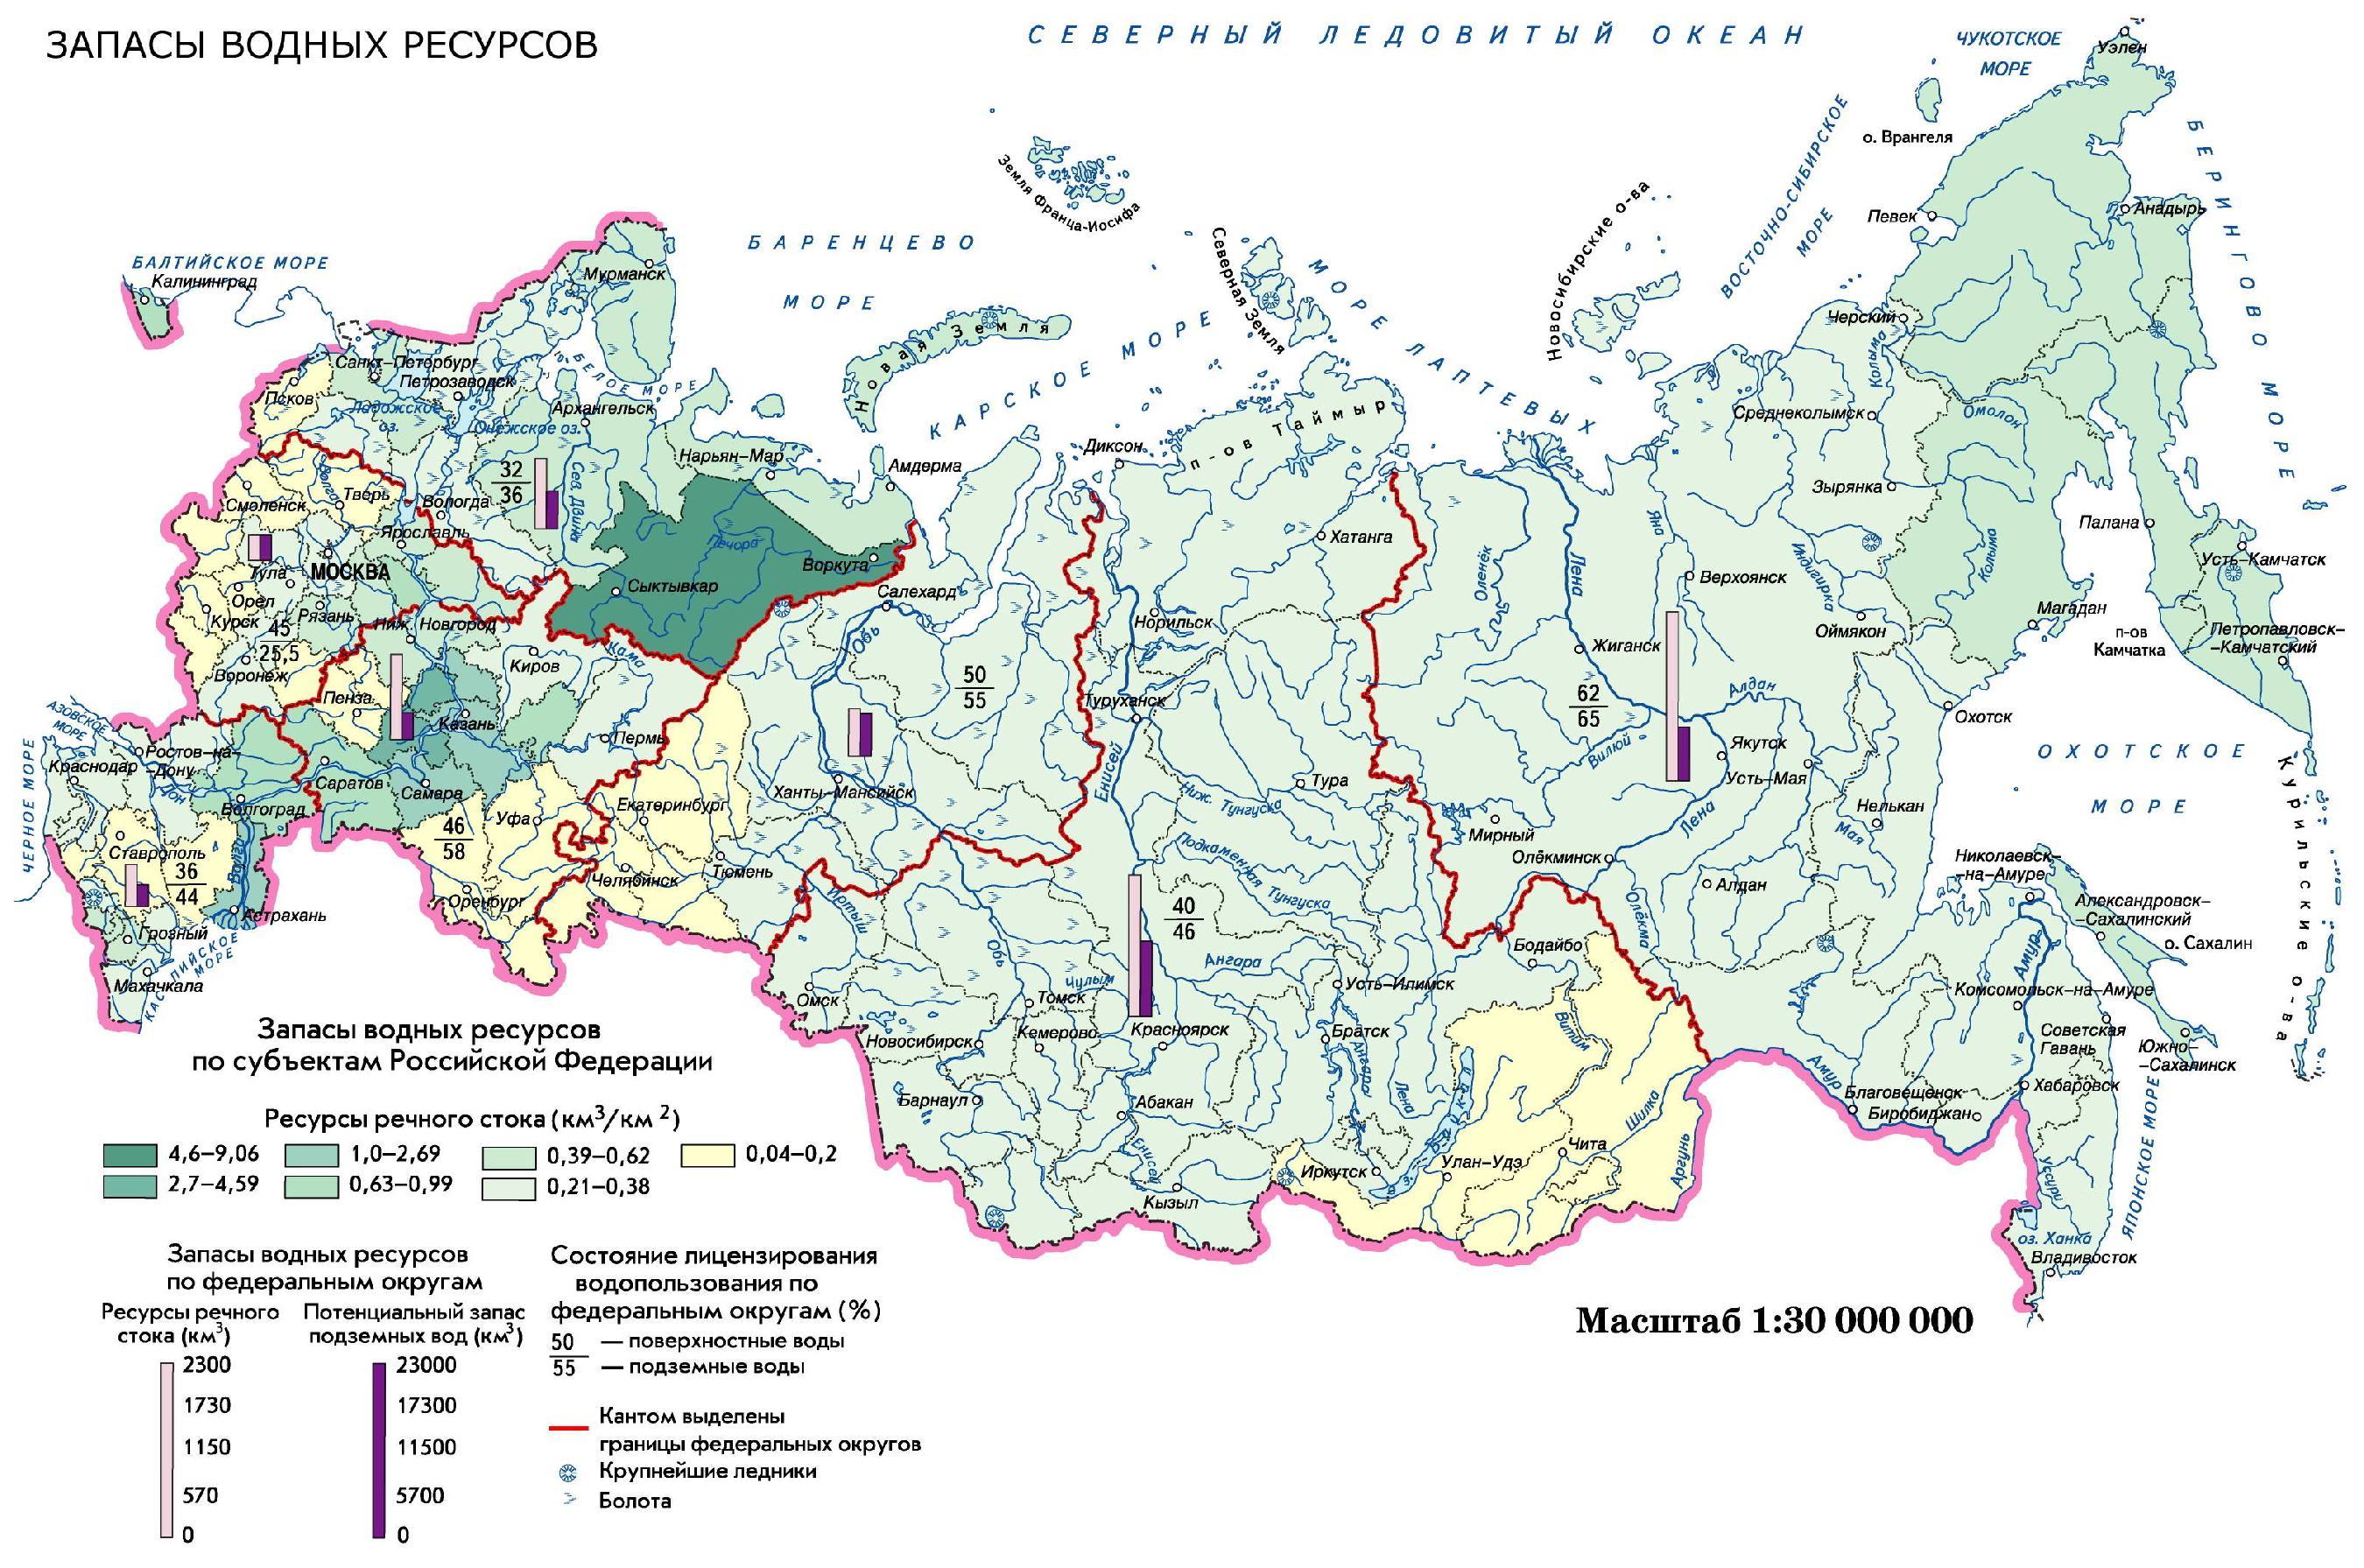 8 класс оценивание обеспеченностводными ресурсами крупных регионов россии